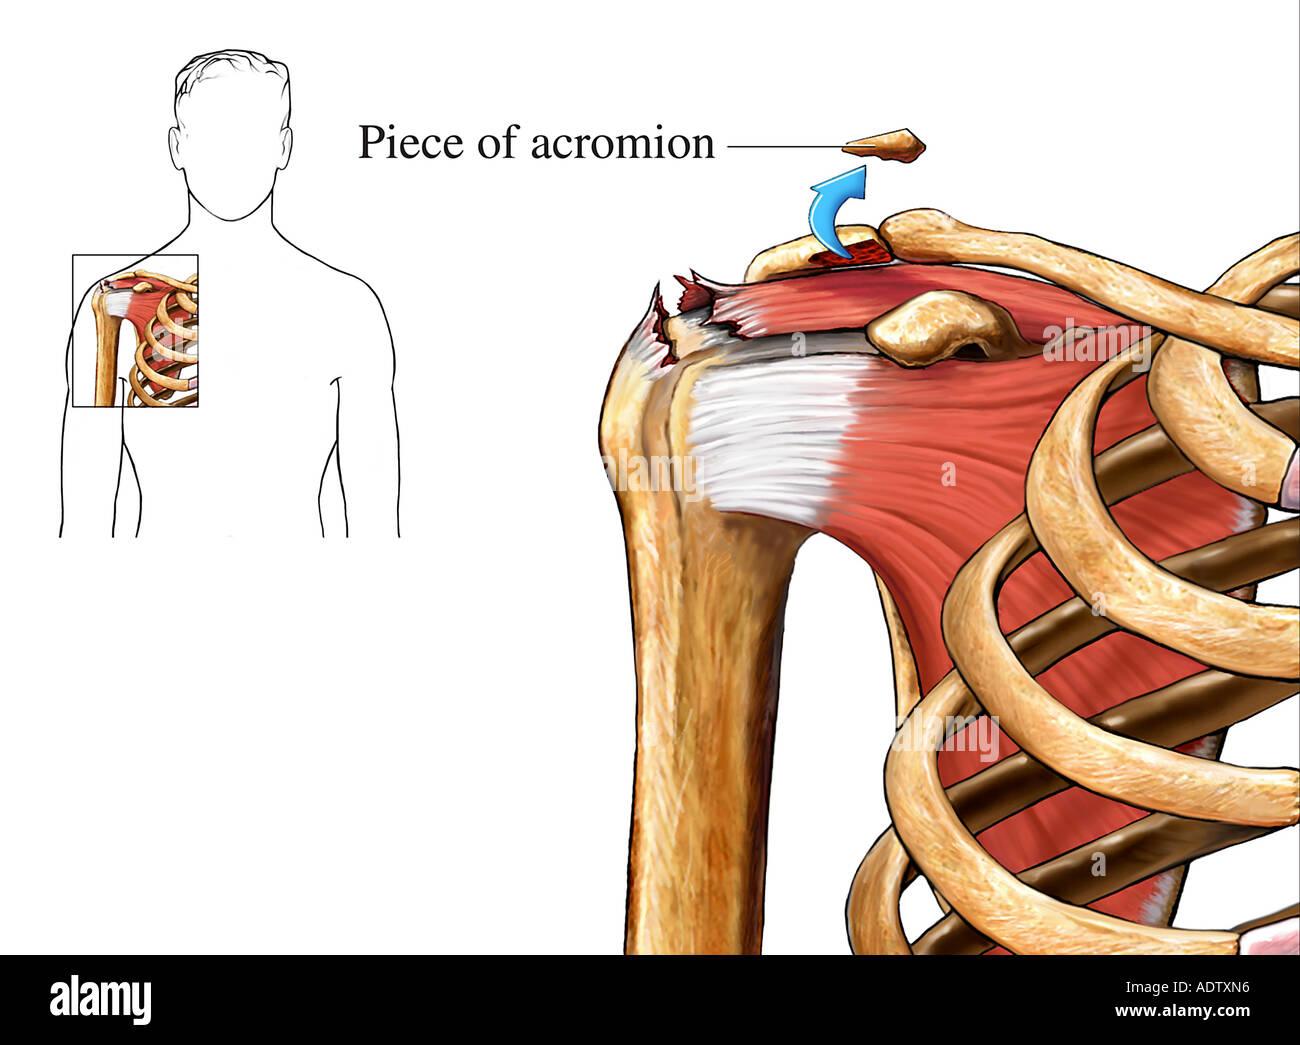 Rotator Cuff Repair - Acromioplasty Stock Photo: 7710677 - Alamy